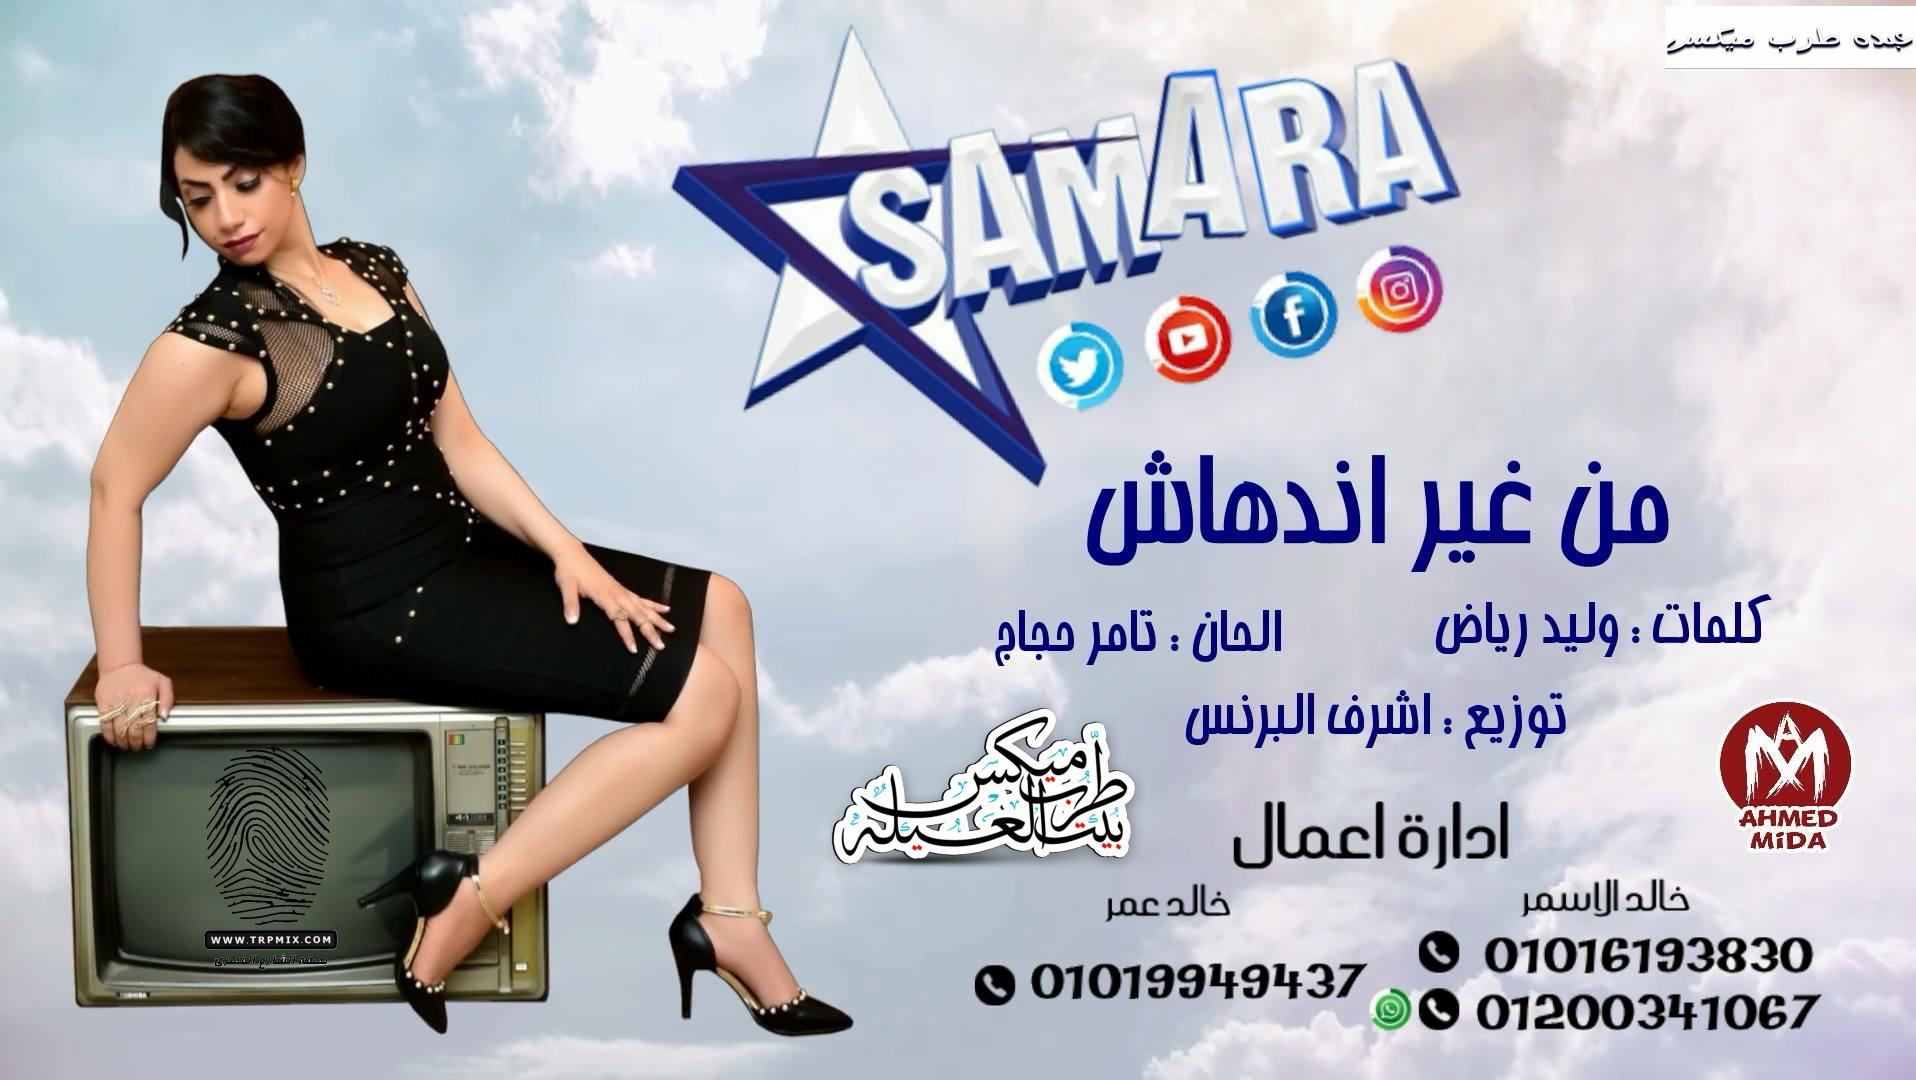 اغنية من غير اندهاش 2019 غناء سمارة توزيع اشرف البرنس برعاية مافيا طرب ميكس.mp3